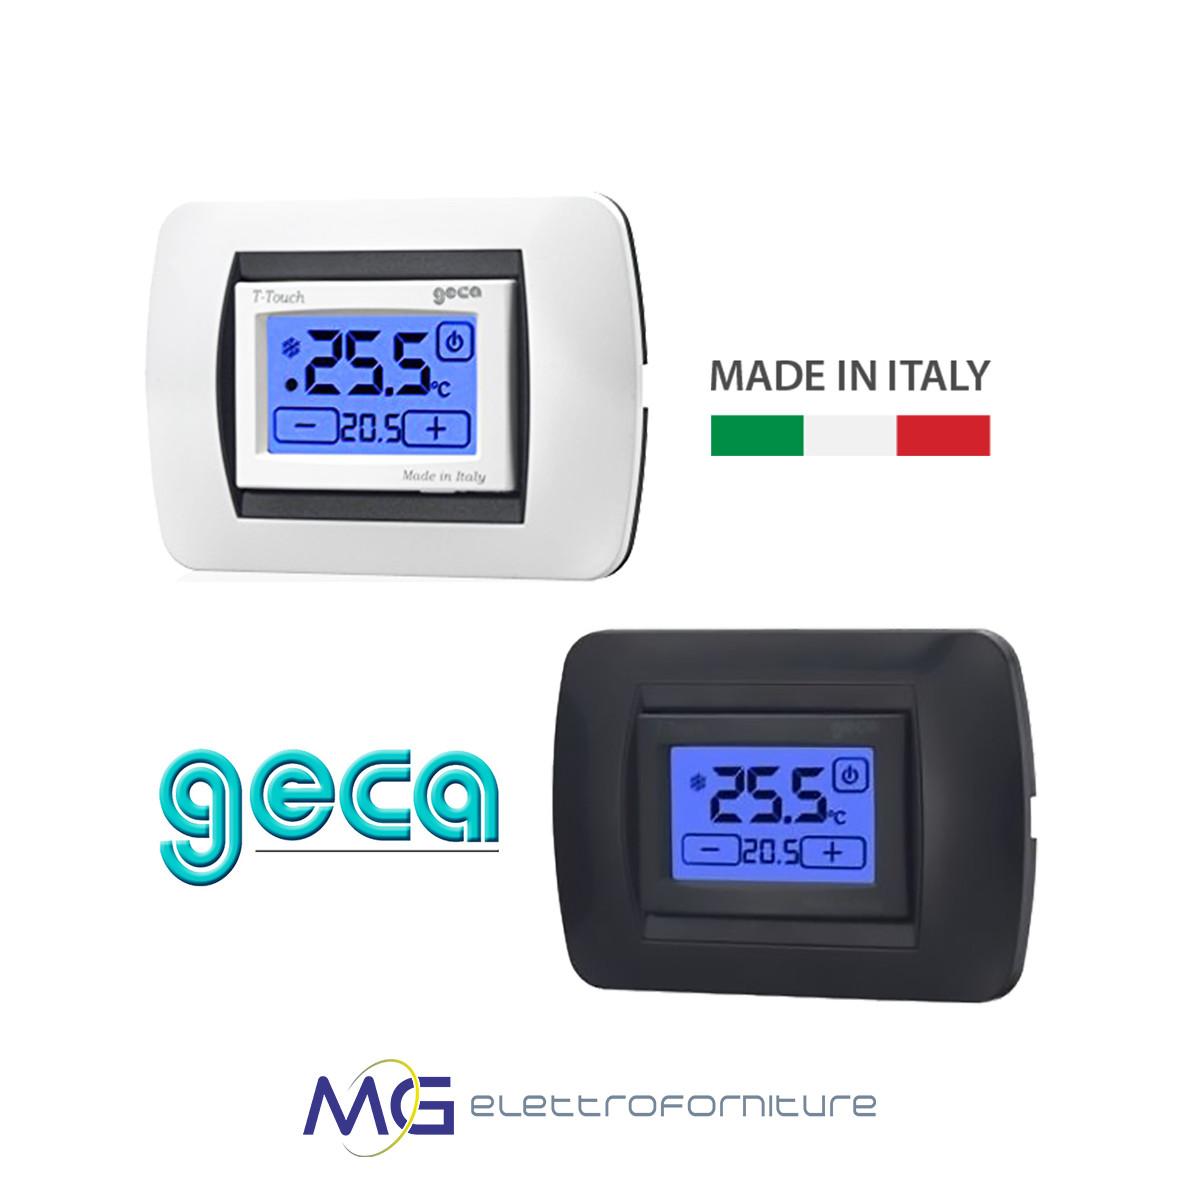 Geca_T-TOUCH_230V_Termostato_digitale_touch_screen_Display_retroilluminato_prezzo_migliore_basso_bianco_antracite